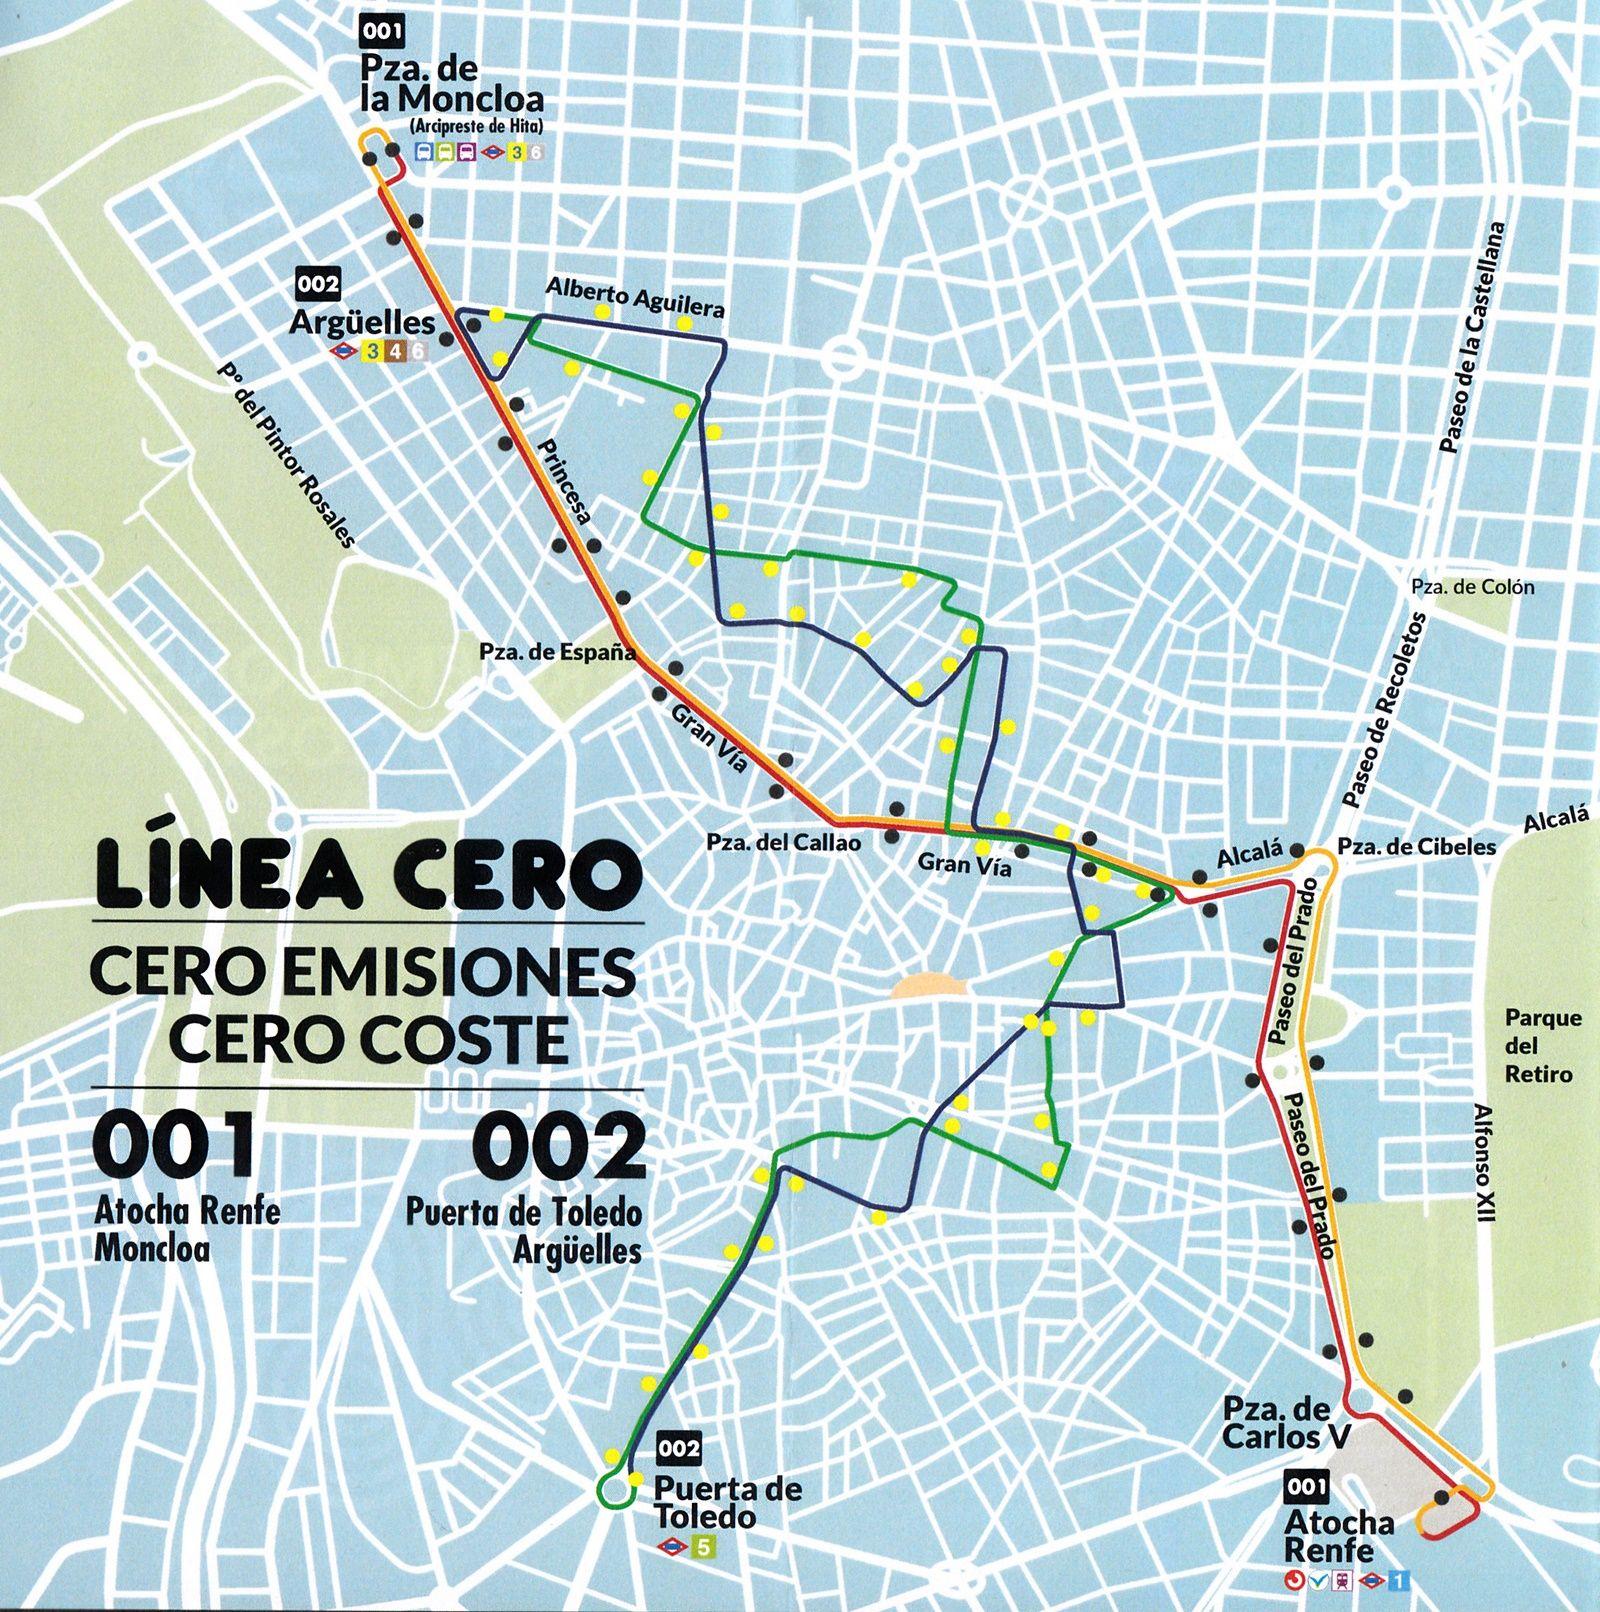 Mapa Lineas Emt Madrid.Primer Viaje En La Linea Cero 001 De La Emt Gratis Limpio Y De Duracion Incierta Somos Chamberi